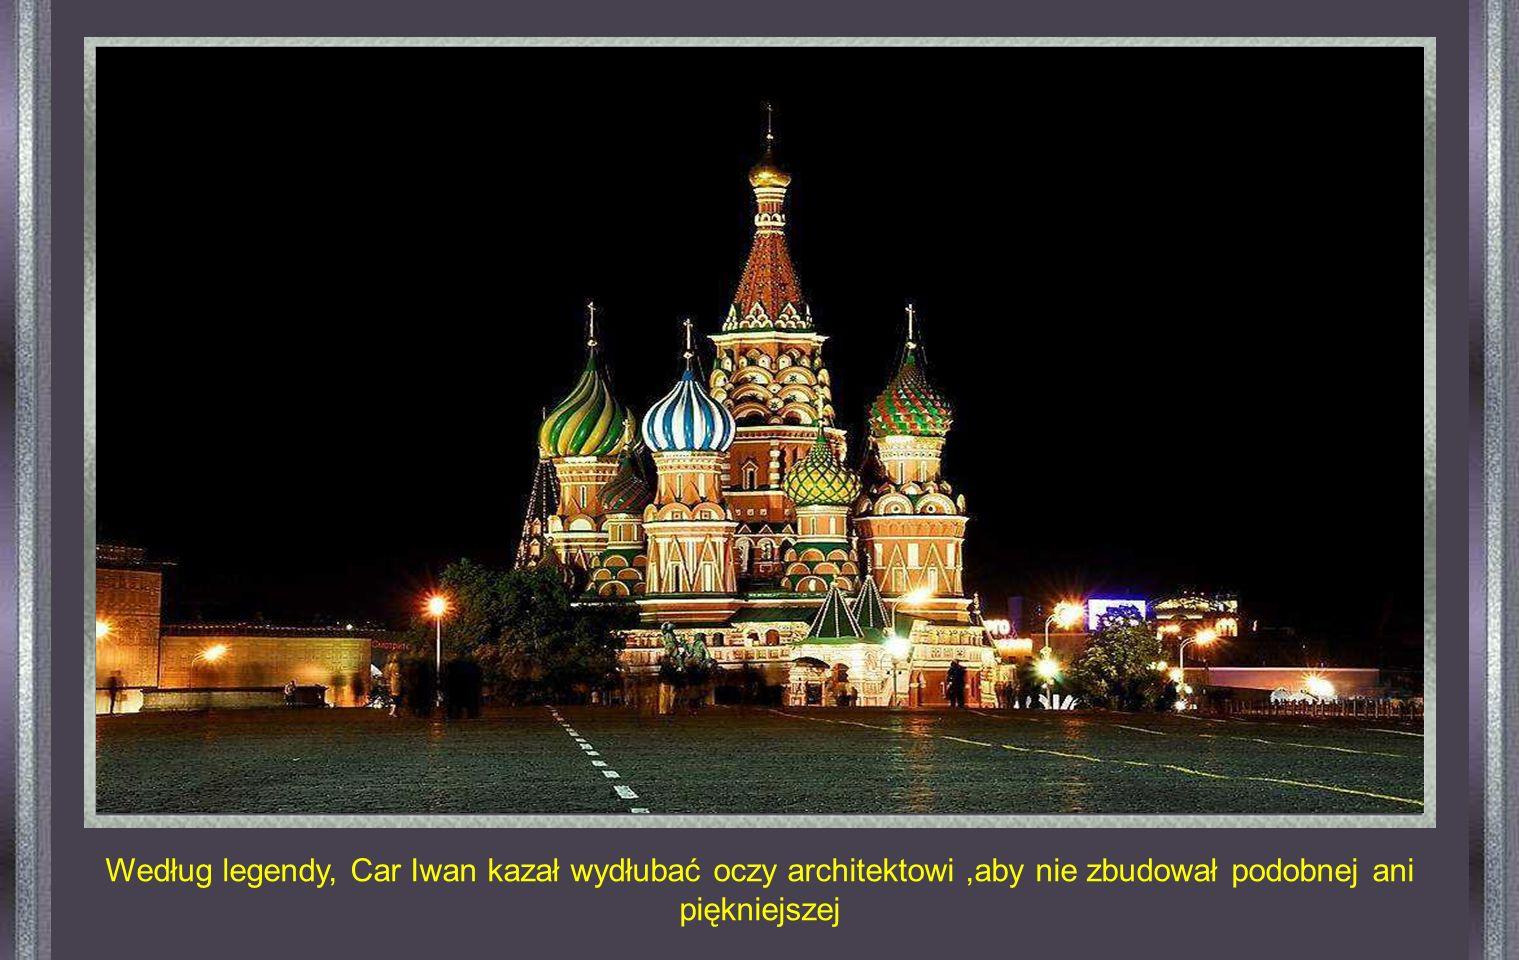 MOSKWA - Katedra św Bazyla - Zbudowana w 1555 r. na polecenie Cara Iwana Groźnego, jest arcydziełem architektury światowej.